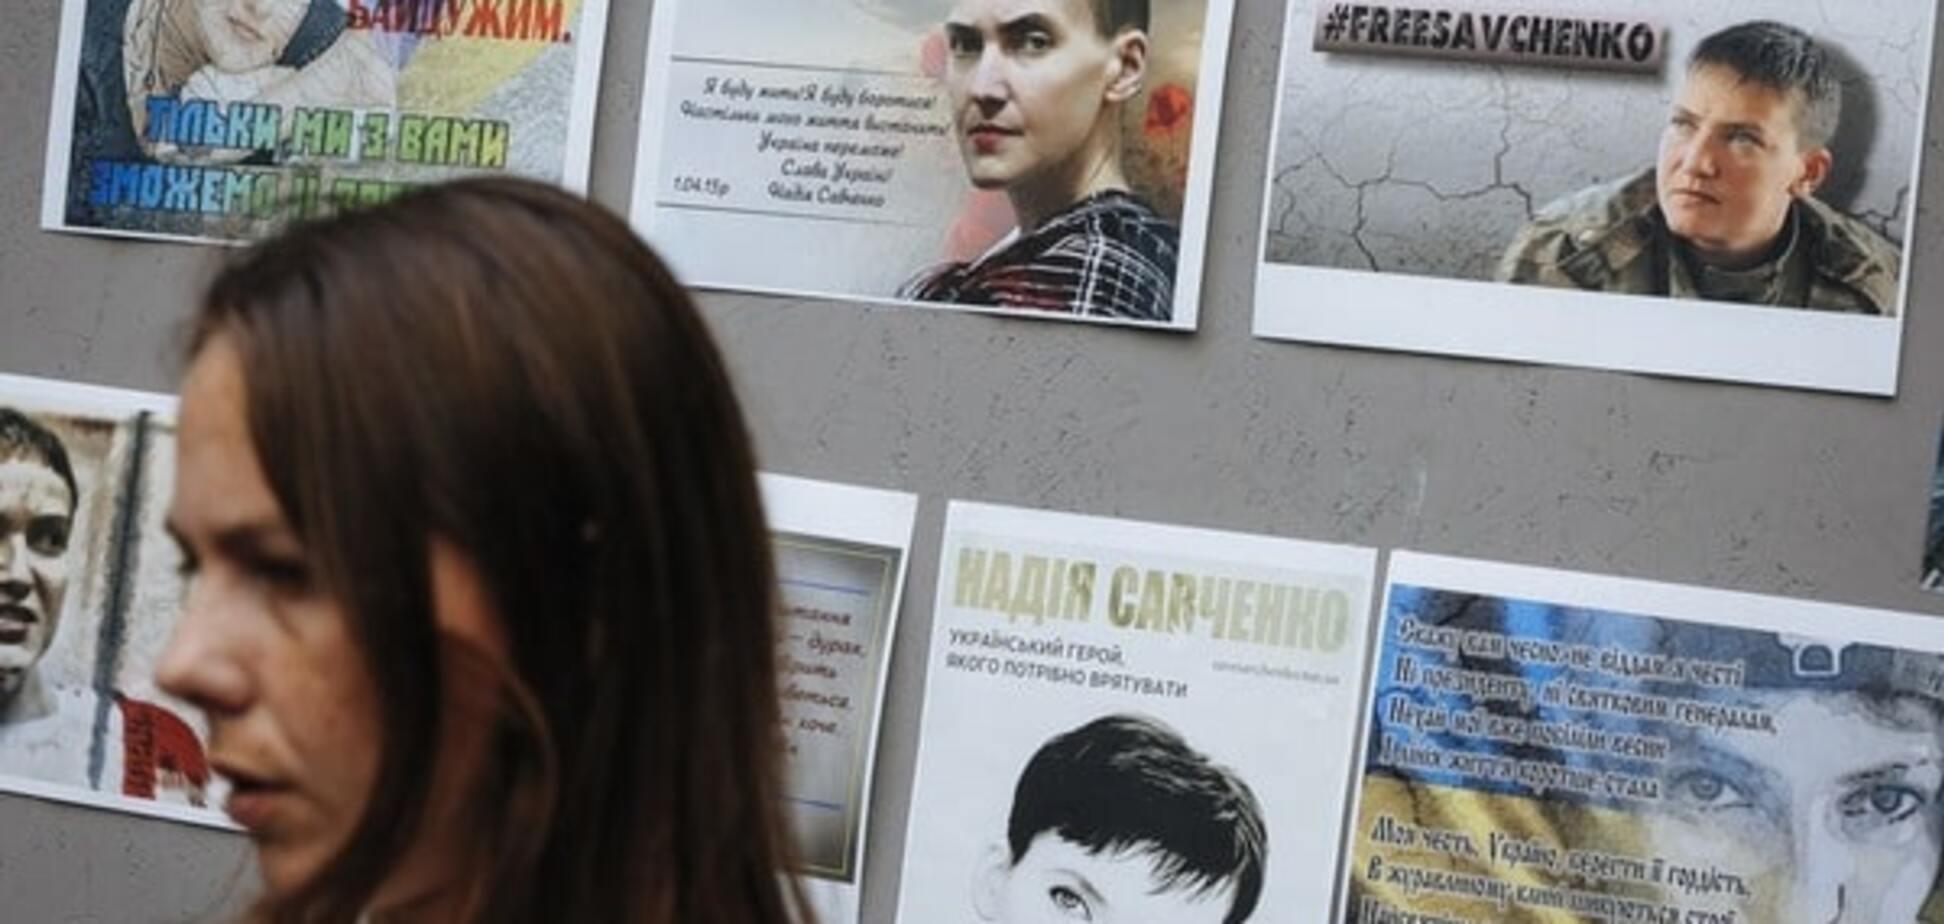 Адвокат пояснив спробу затримання Віри Савченко в Росії двома версіями